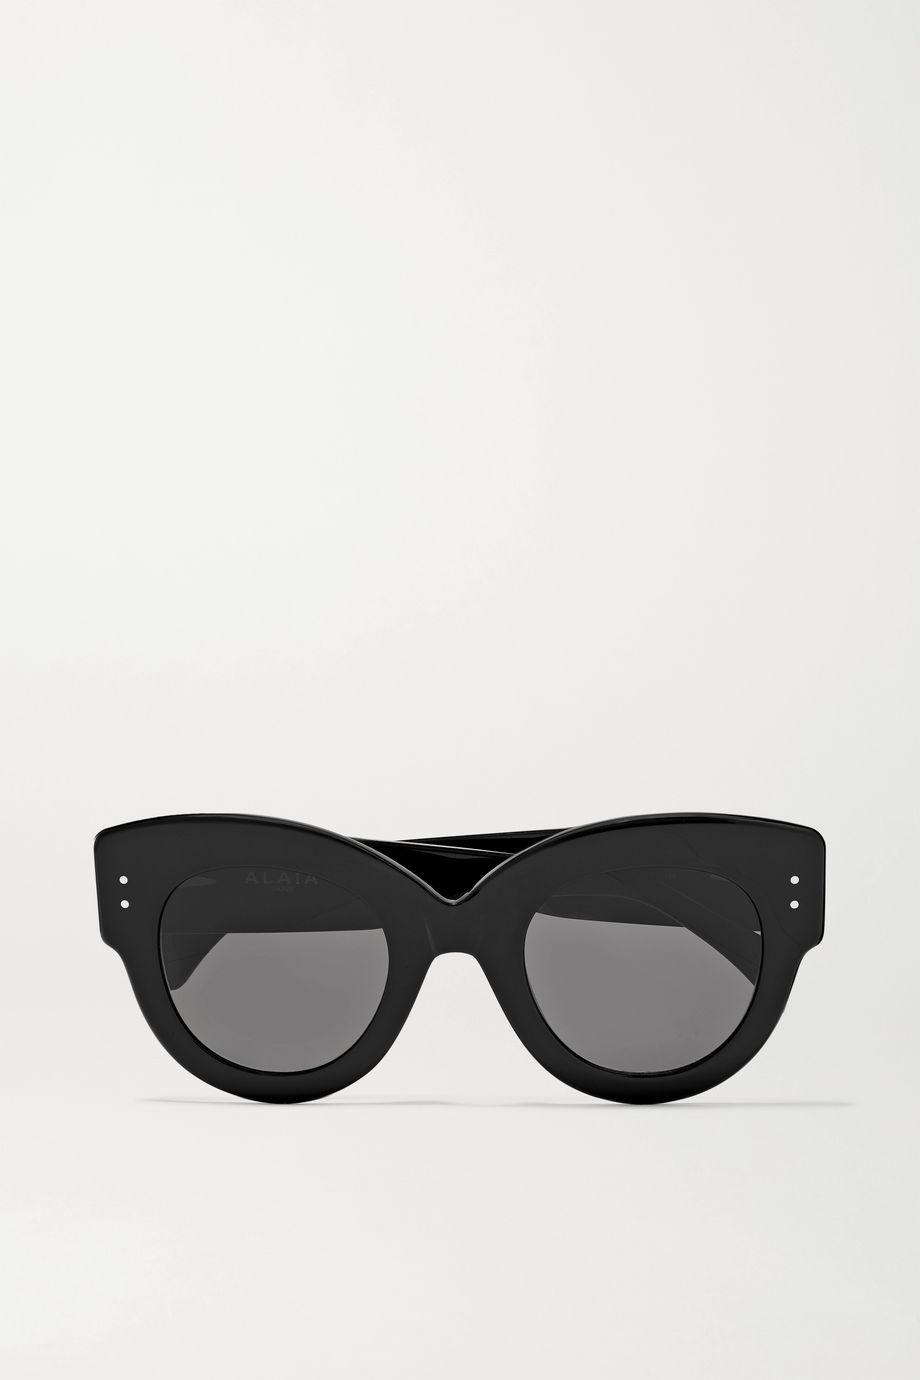 Alaïa Sonnenbrille mit rundem Rahmen aus Azetat mit Ösen